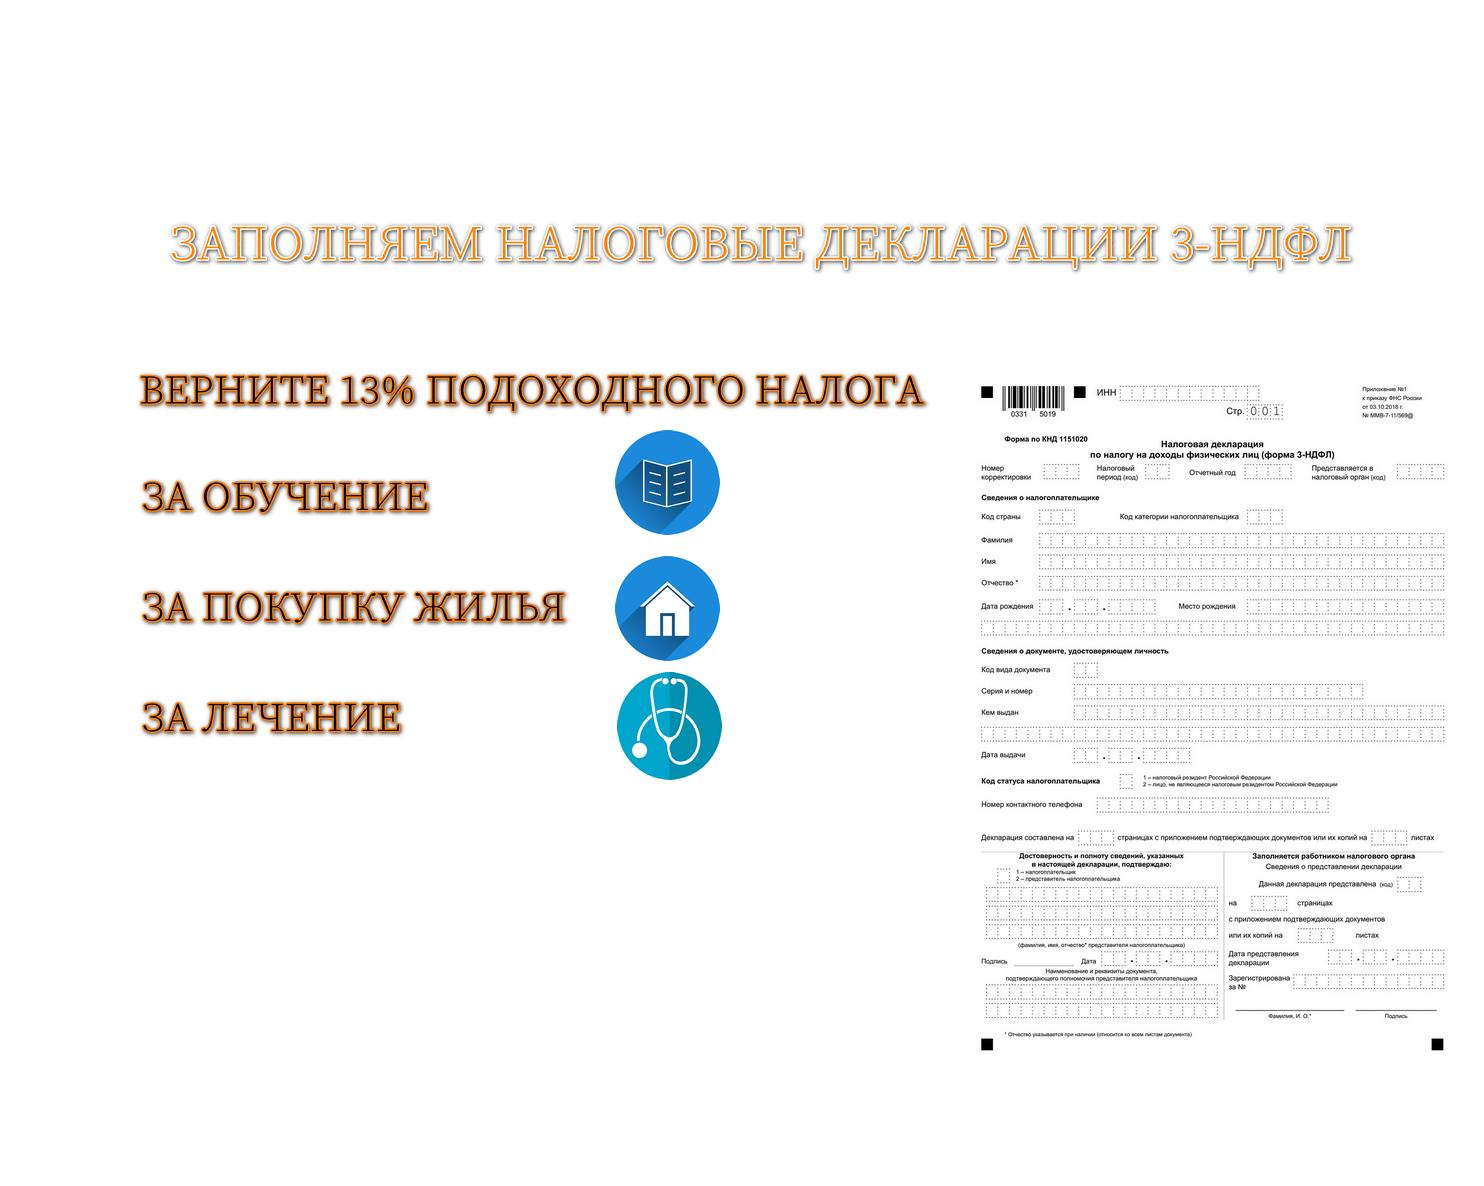 Составляем 3-НДФЛ декларации в Белгородской области, не дорого!